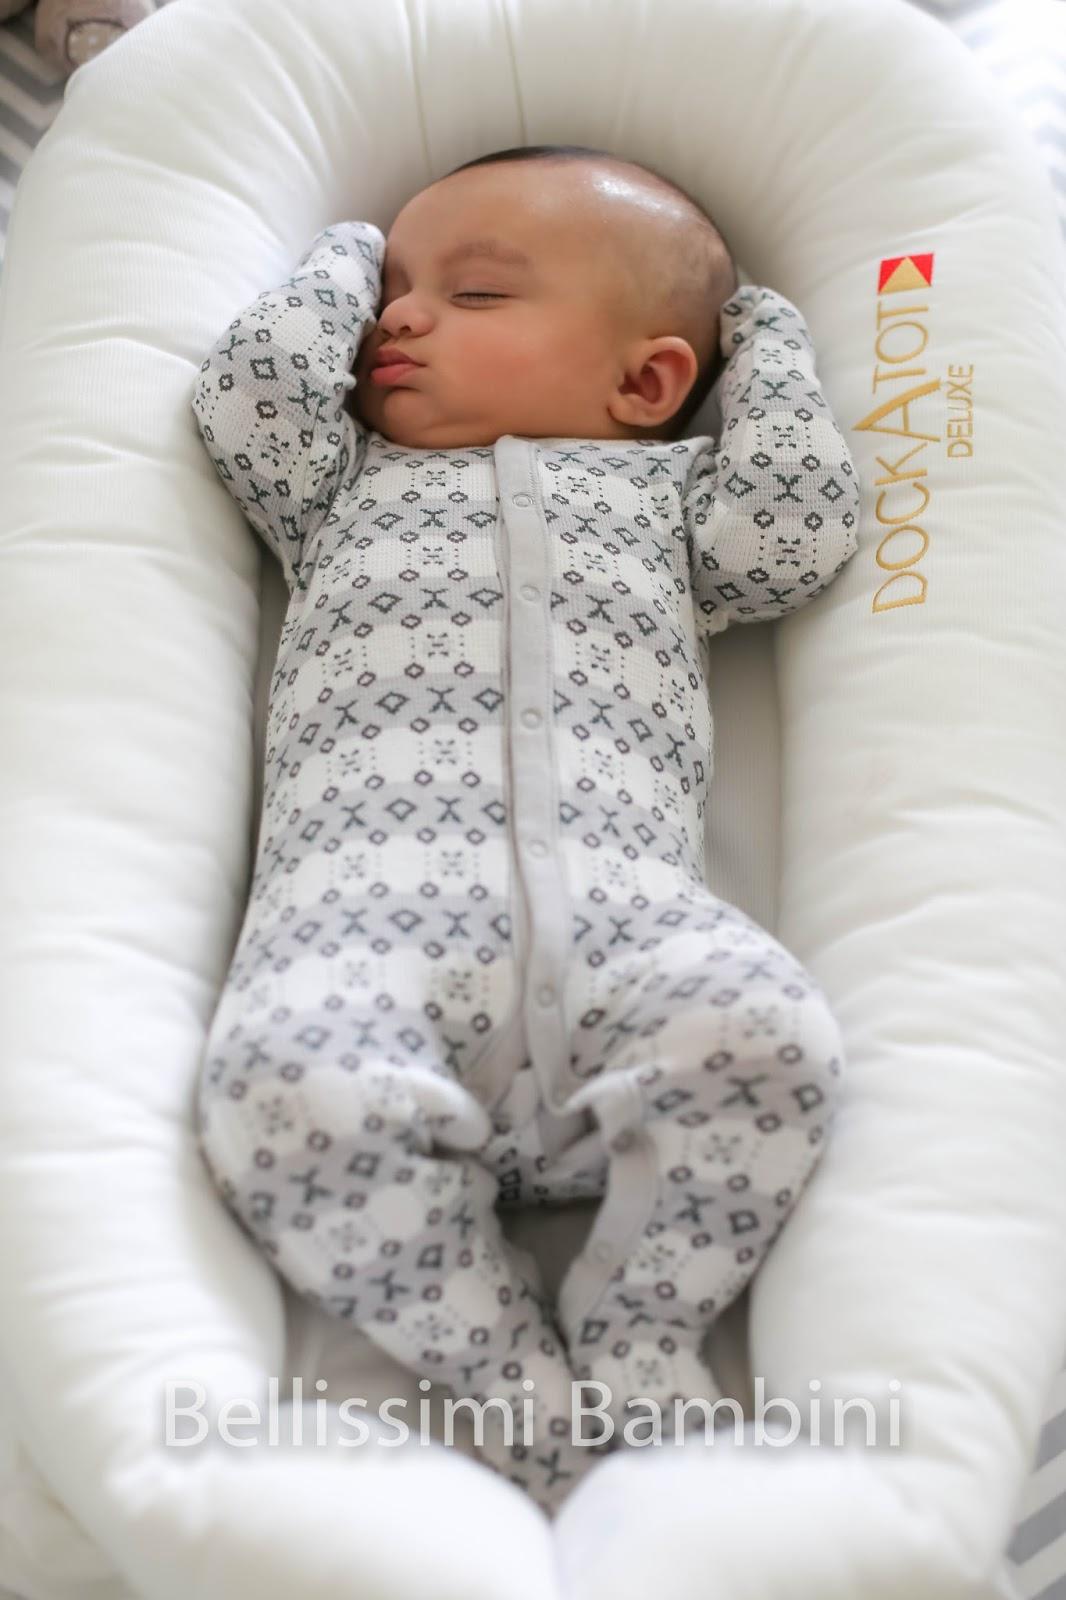 Babies Sleeping In Own Bed